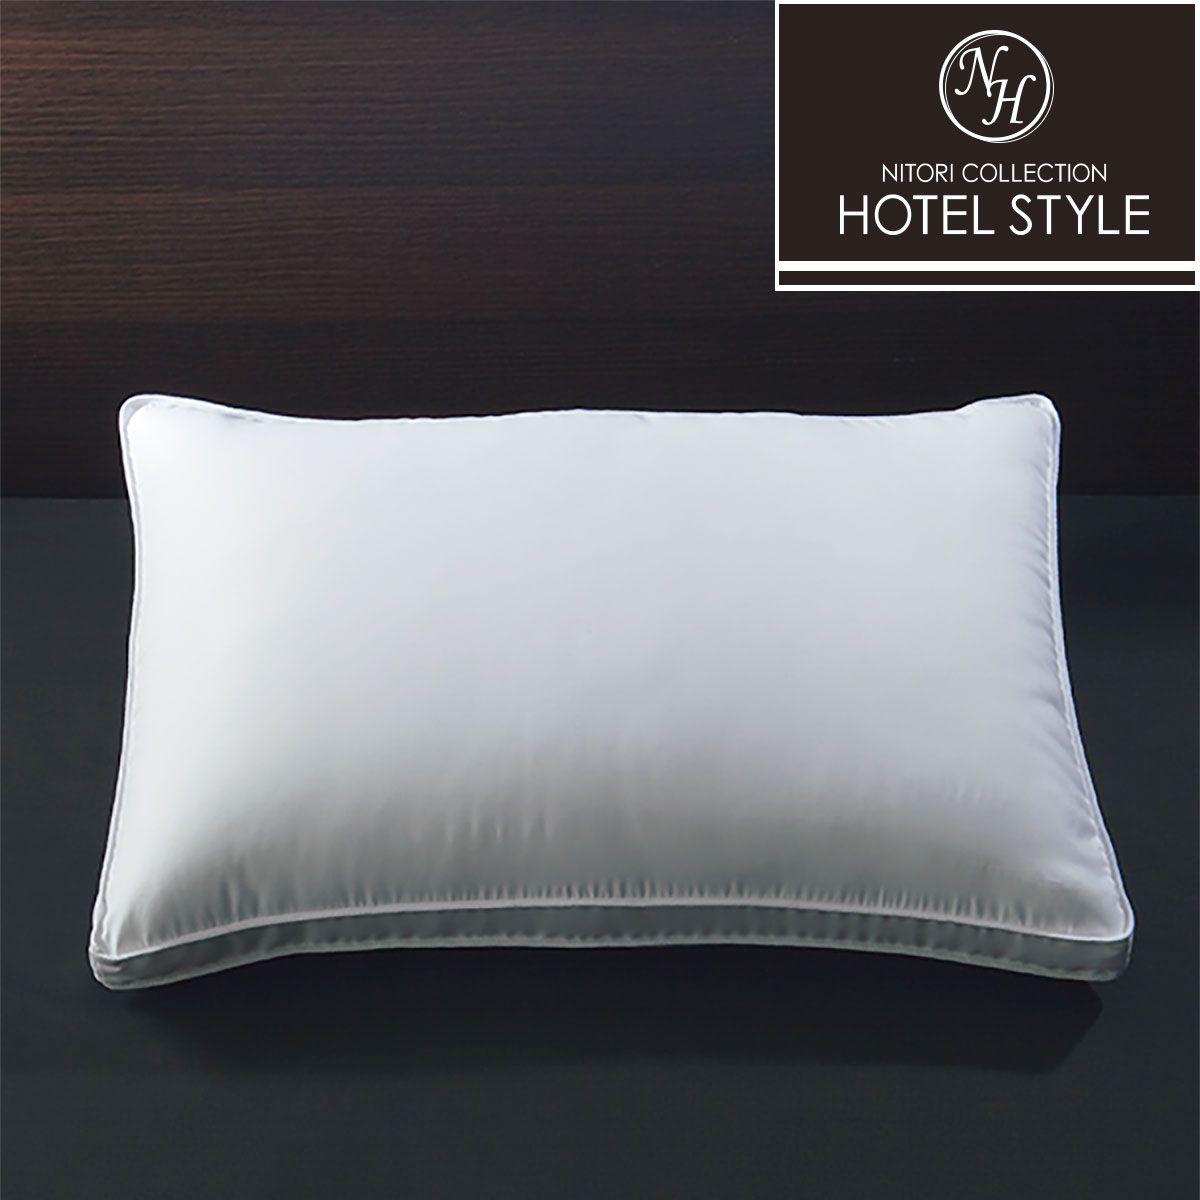 ホテルスタイル枕 スタンダード 通販 ニトリネット 公式 家具 インテリア通販 インテリア 家具 ニトリ インテリア 通販